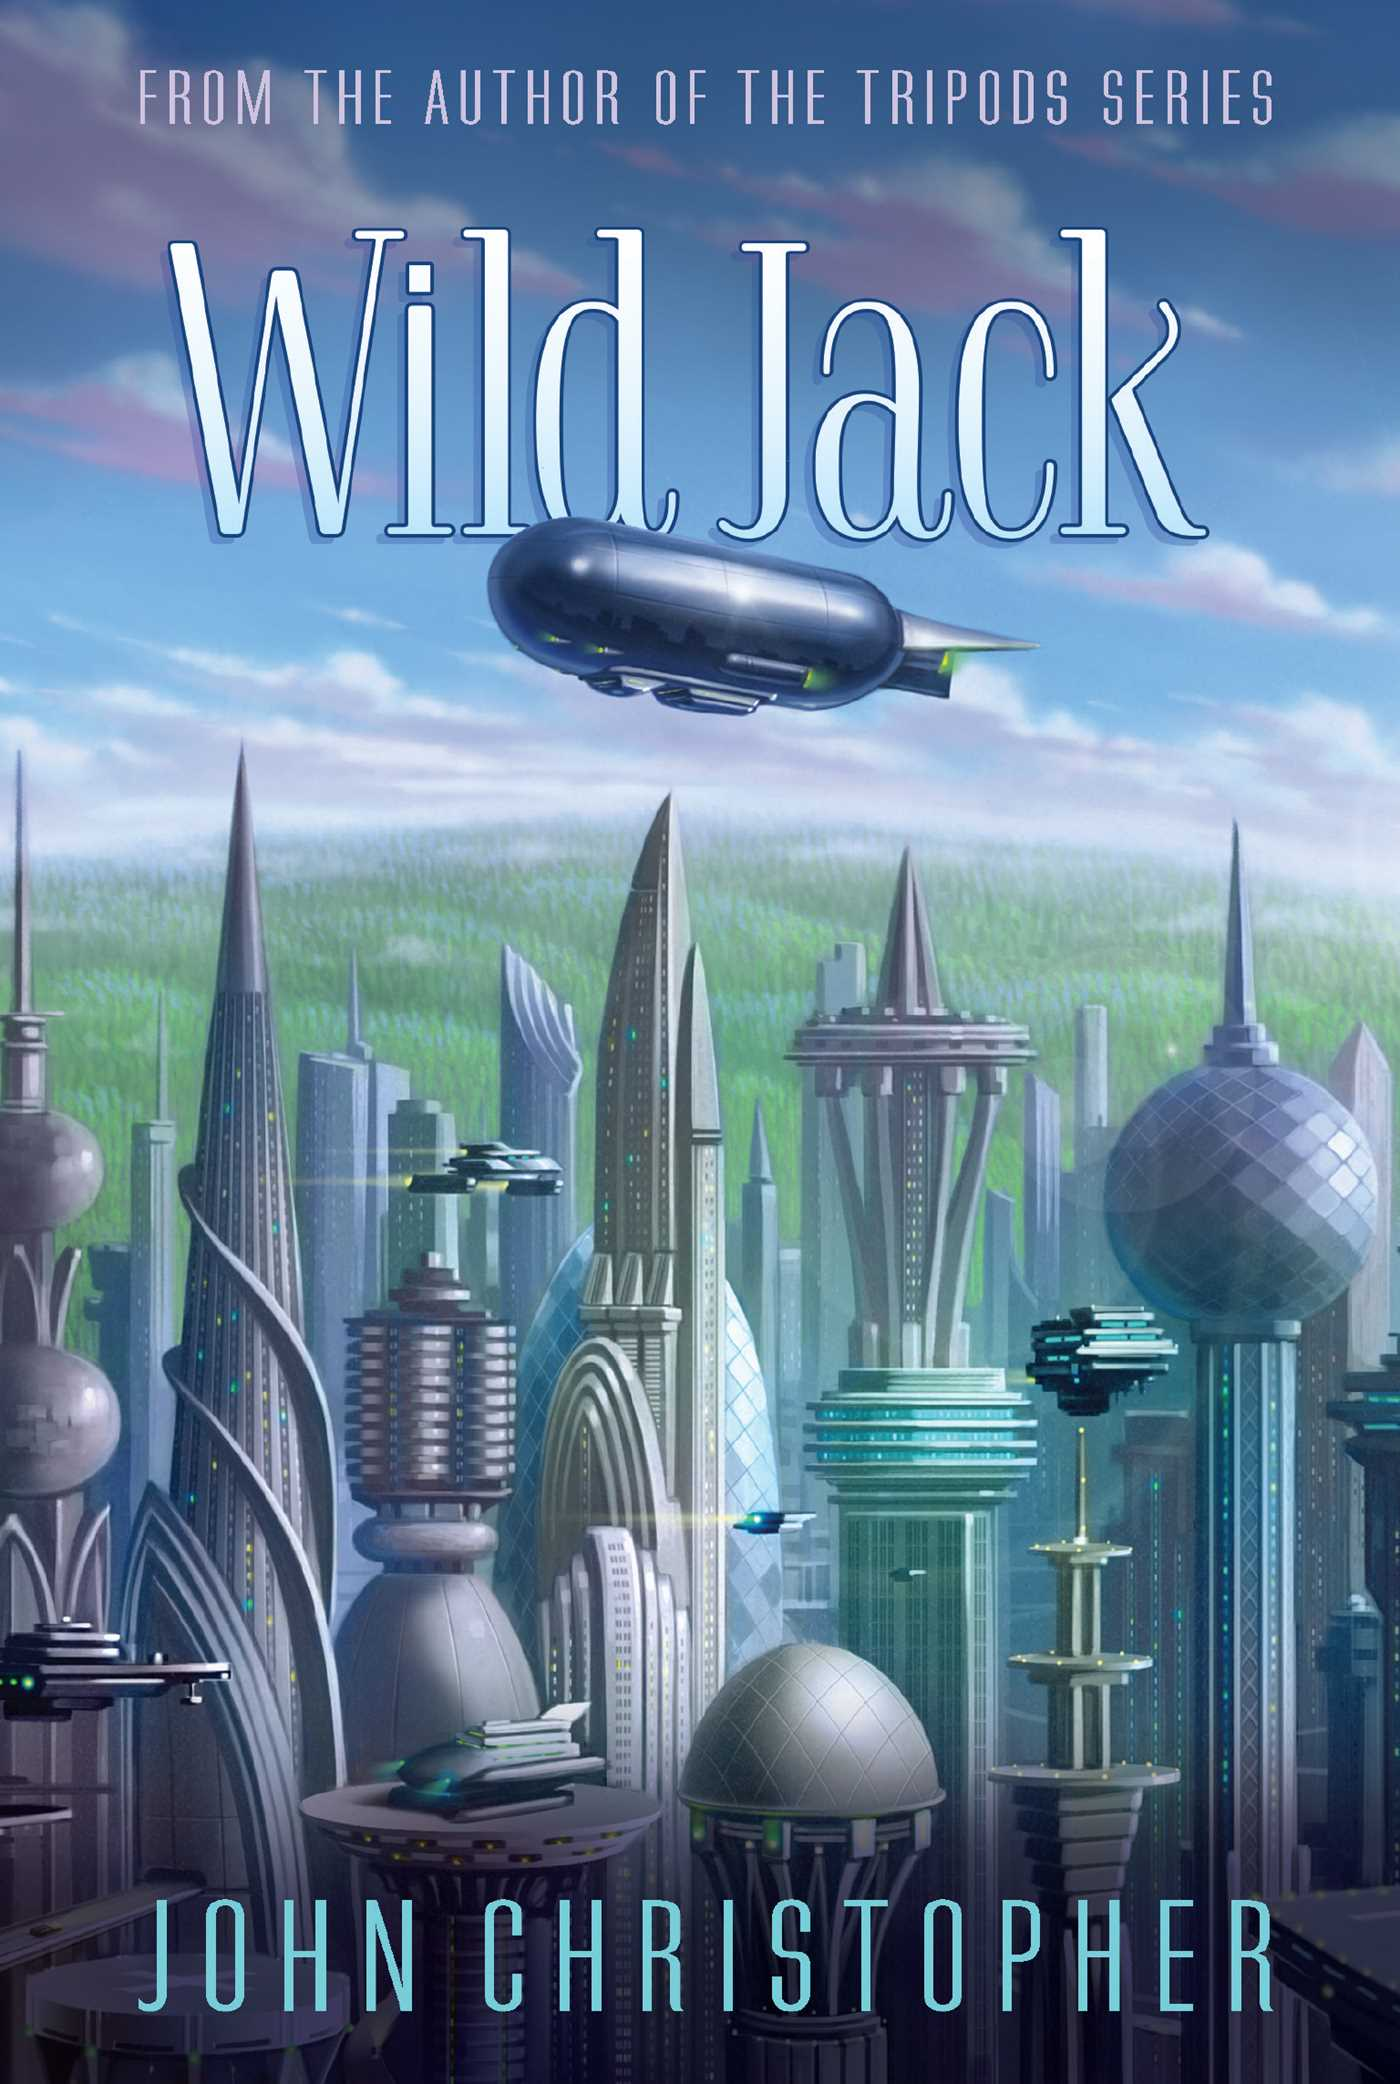 Wild jack 9781481420068 hr